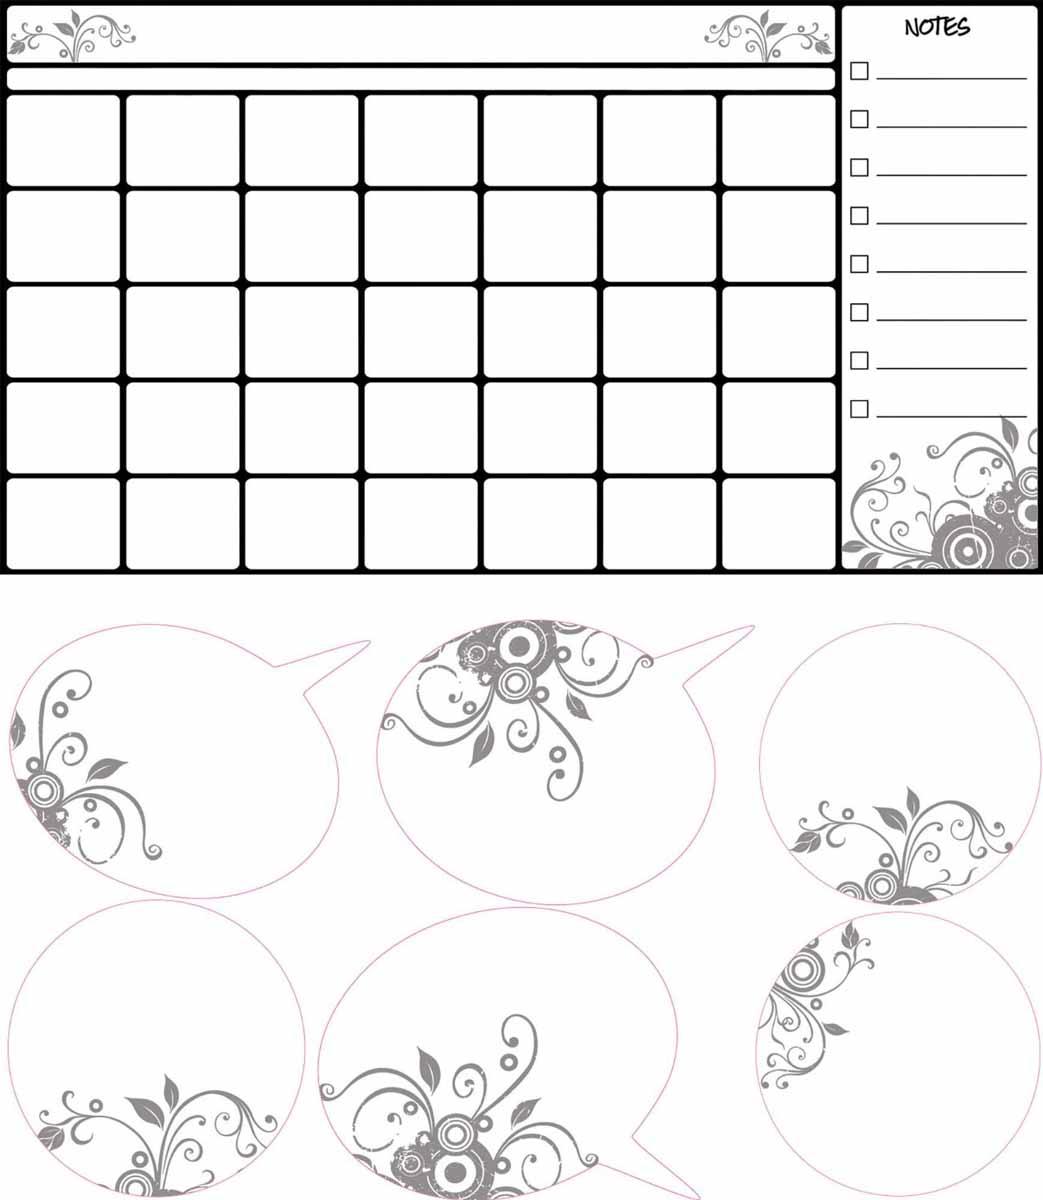 RoomMates Наклейка интерьерная Календарь для заметокRMK2382SCSИнтерьерная наклейка RoomMates Календарь для заметок обязательно станет украшением детской комнаты. Наклейка, входящая в набор, содержит изображение сетки календаря и поля для заметок. Ваш ребенок сможет оставлять пометки маркером на этой наклейке, как на белой доске - и они будут легко стираться. Ее не нужно вырезать, а следует просто отсоединить от защитного слоя и поместить на стену или любую другую плоскую гладкую поверхность. Она многоразовая: ее легко переклеивать и снимать со стены, она не оставляет липких следов на поверхности.